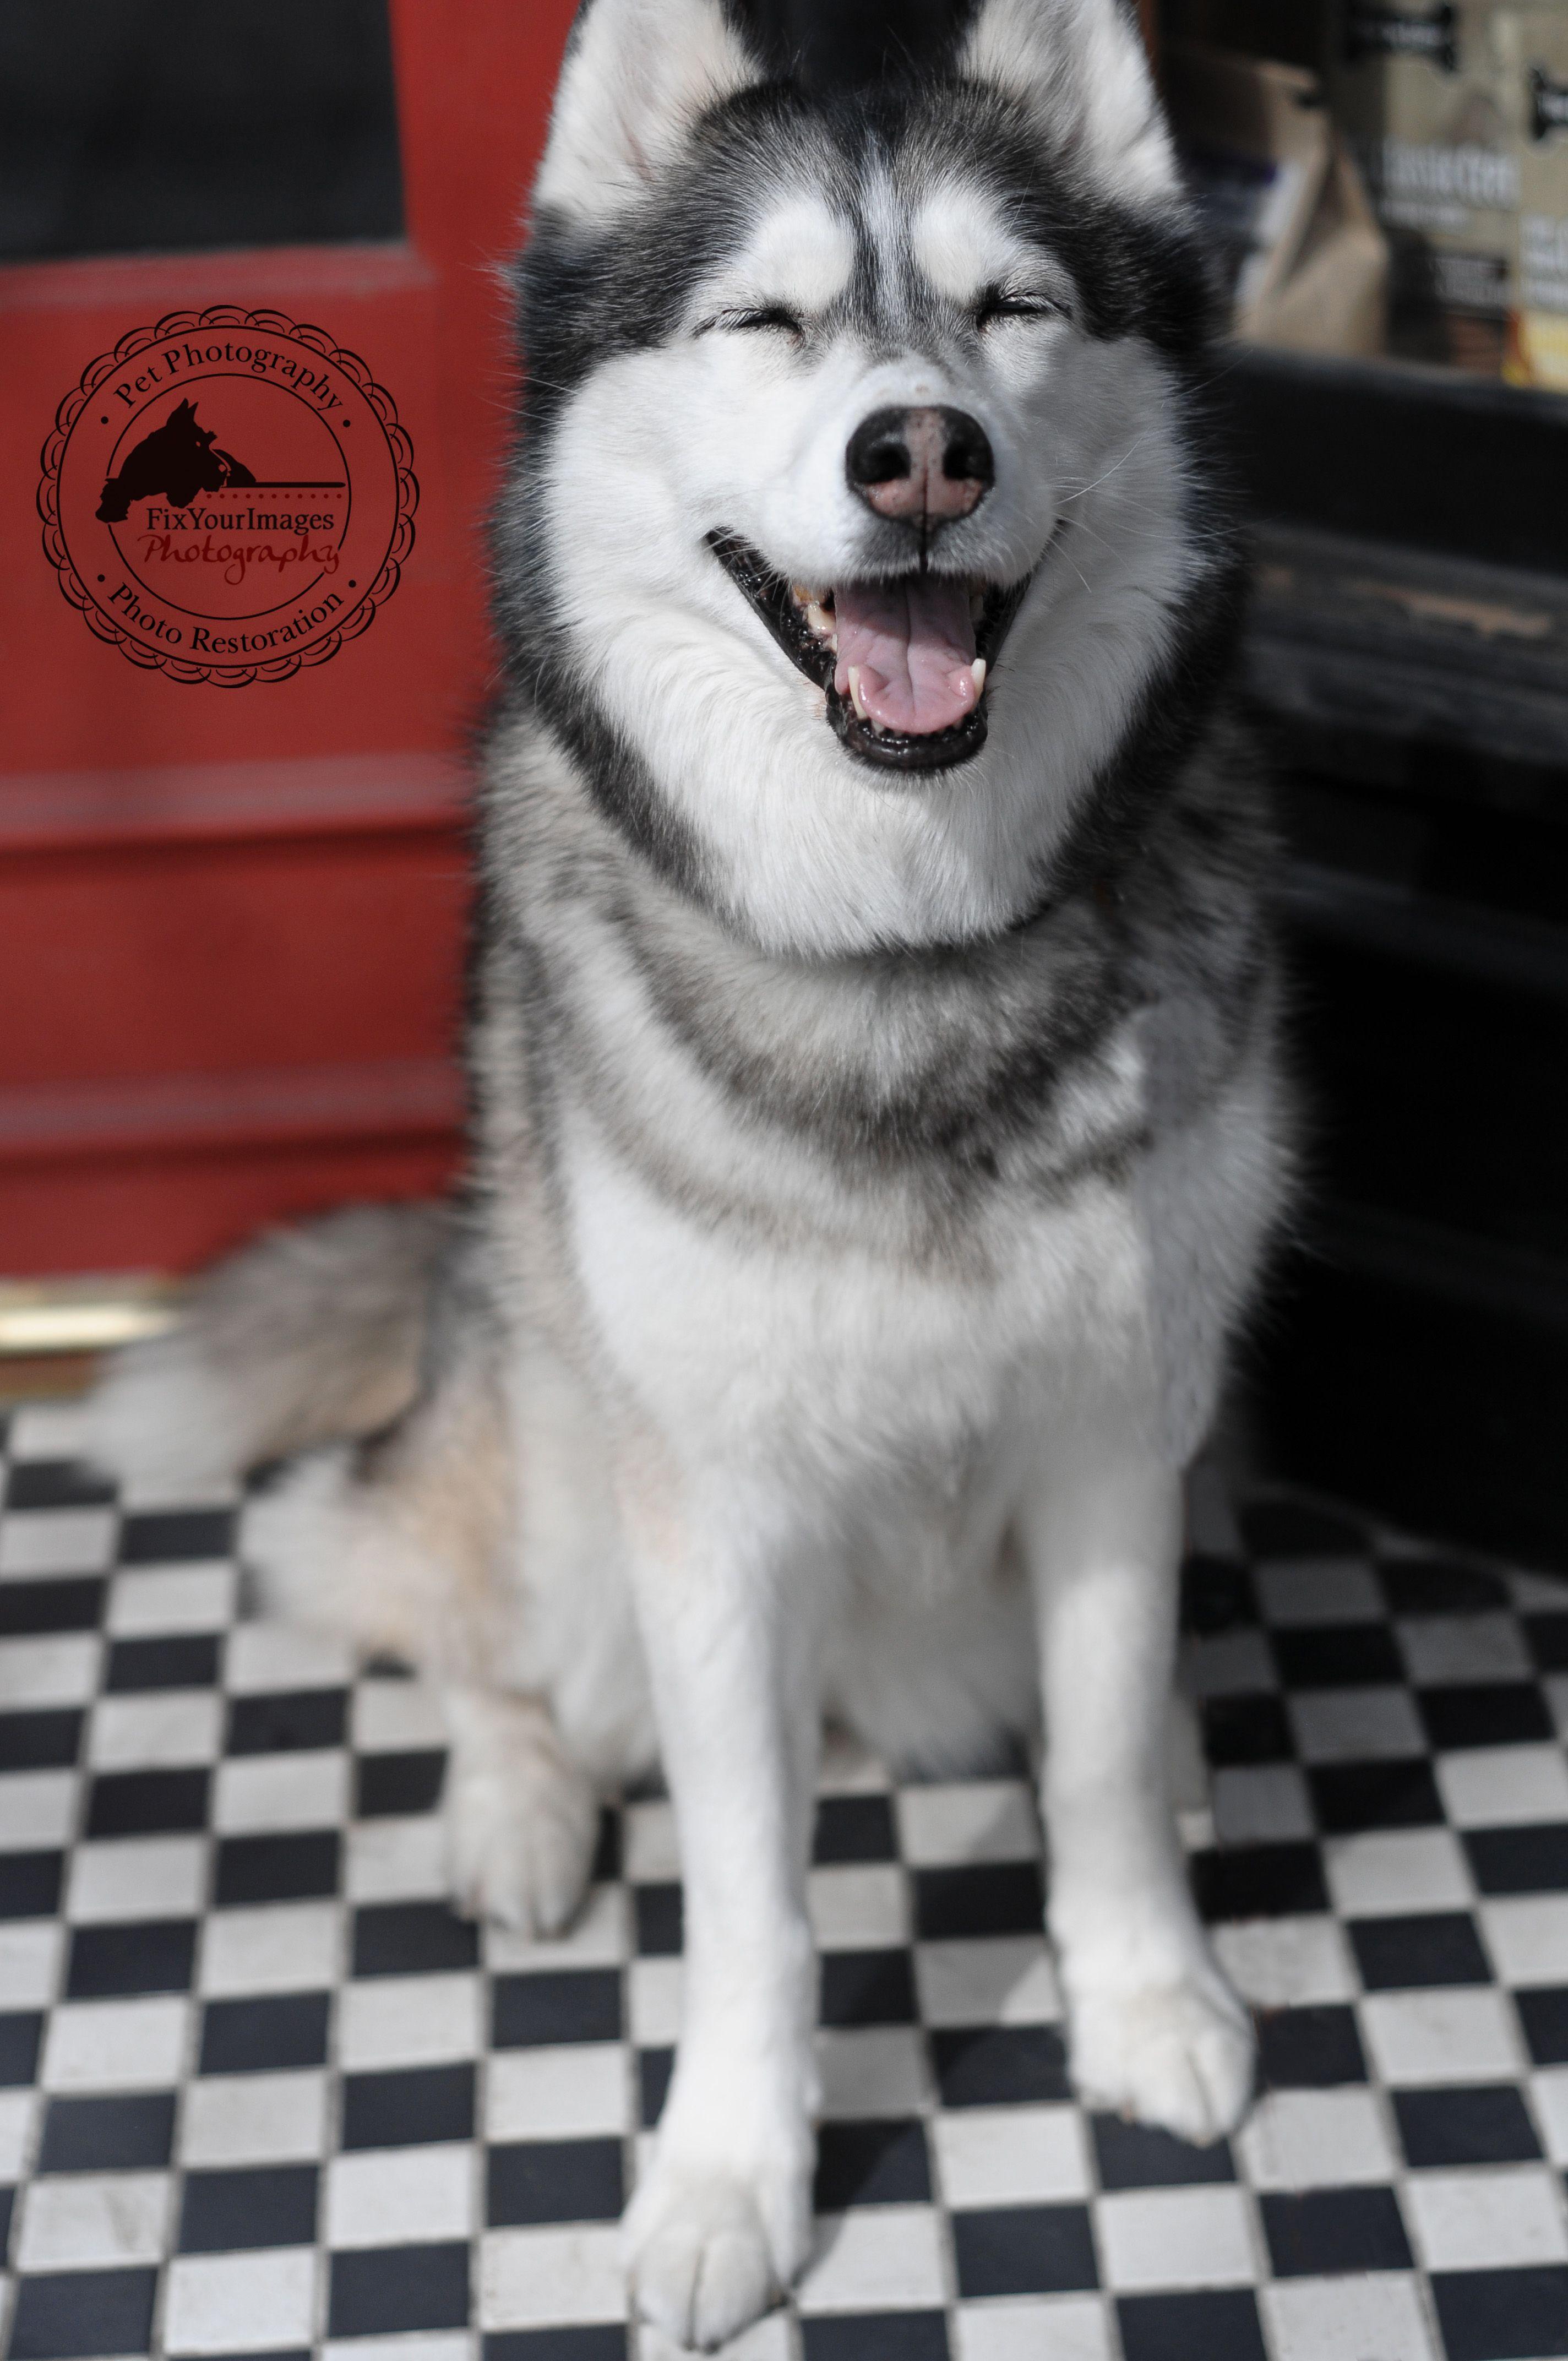 Smiling Happy Husky Via Myjoyofliving Com Pet Photographer